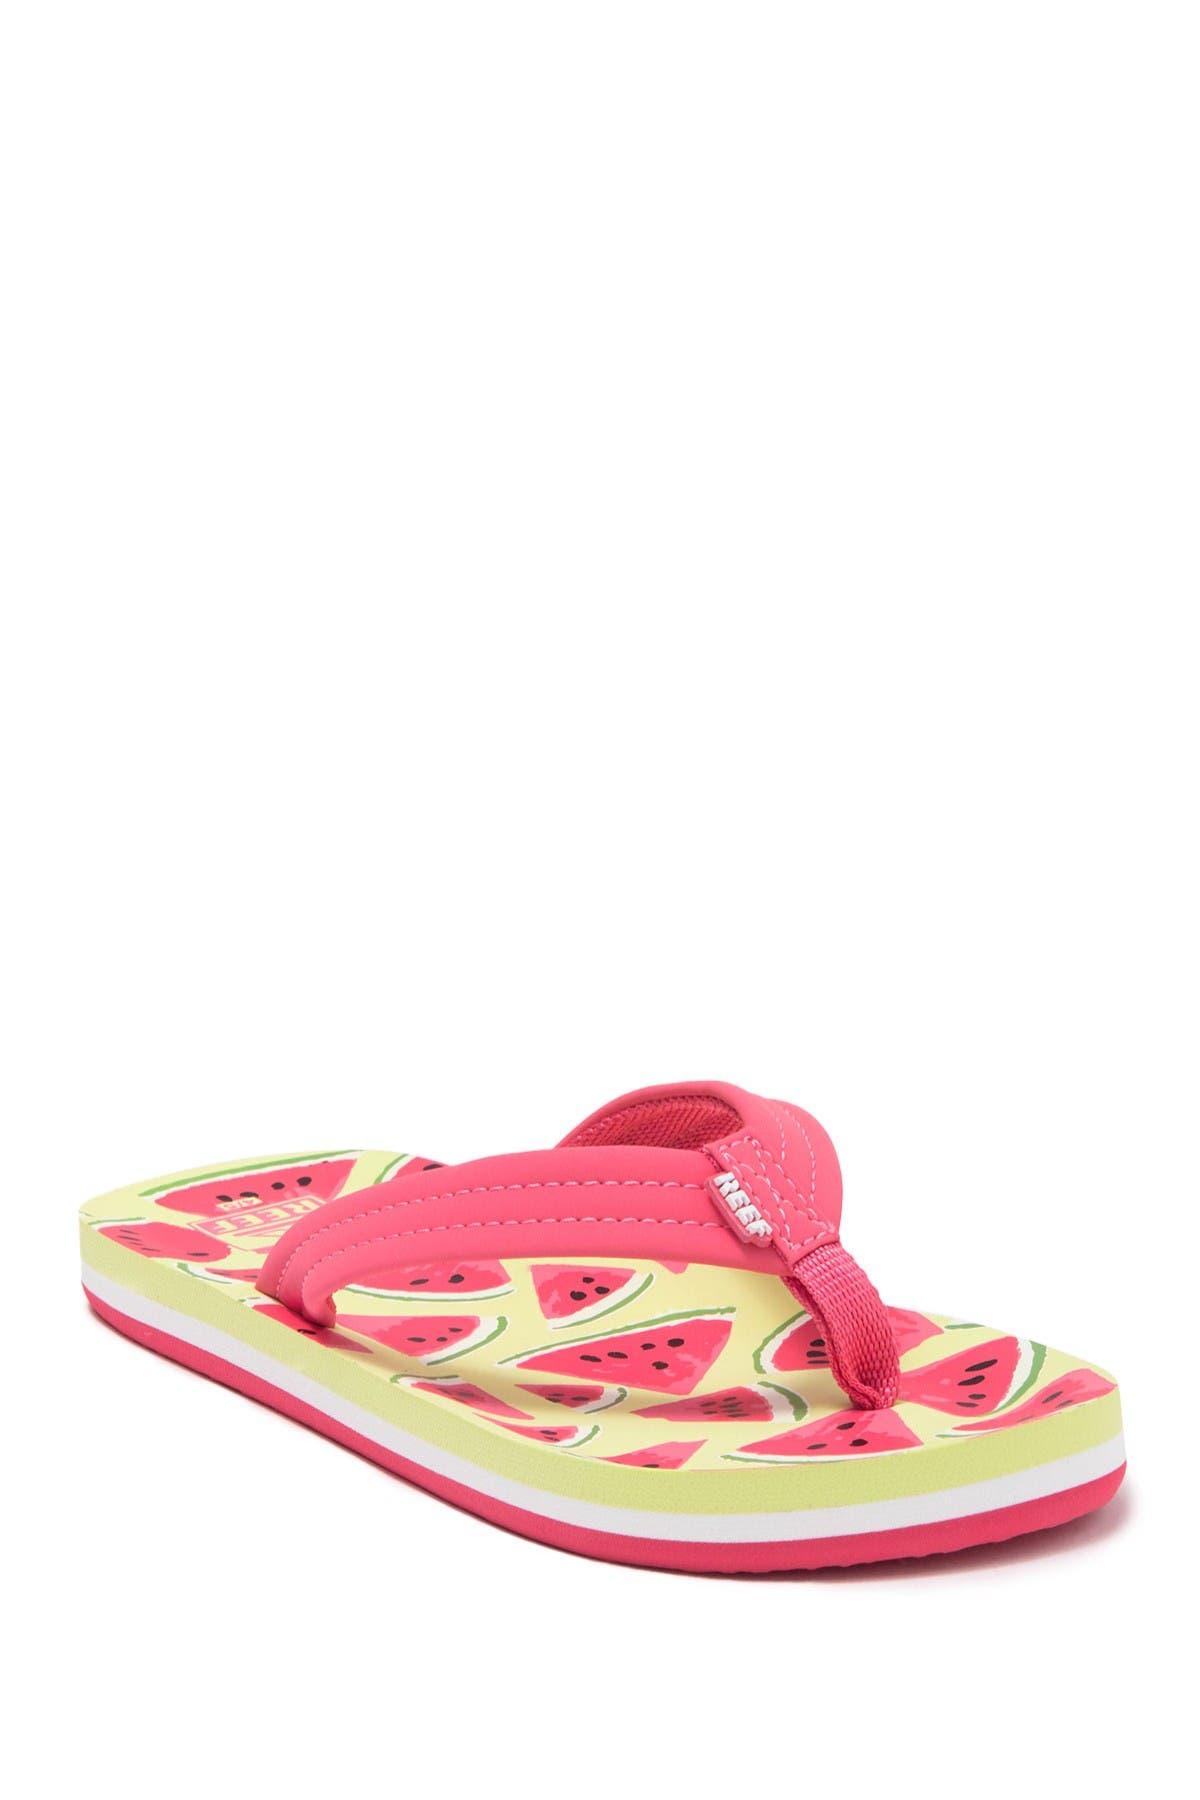 Image of Reef Ahi Printed Flip Flop Sandal